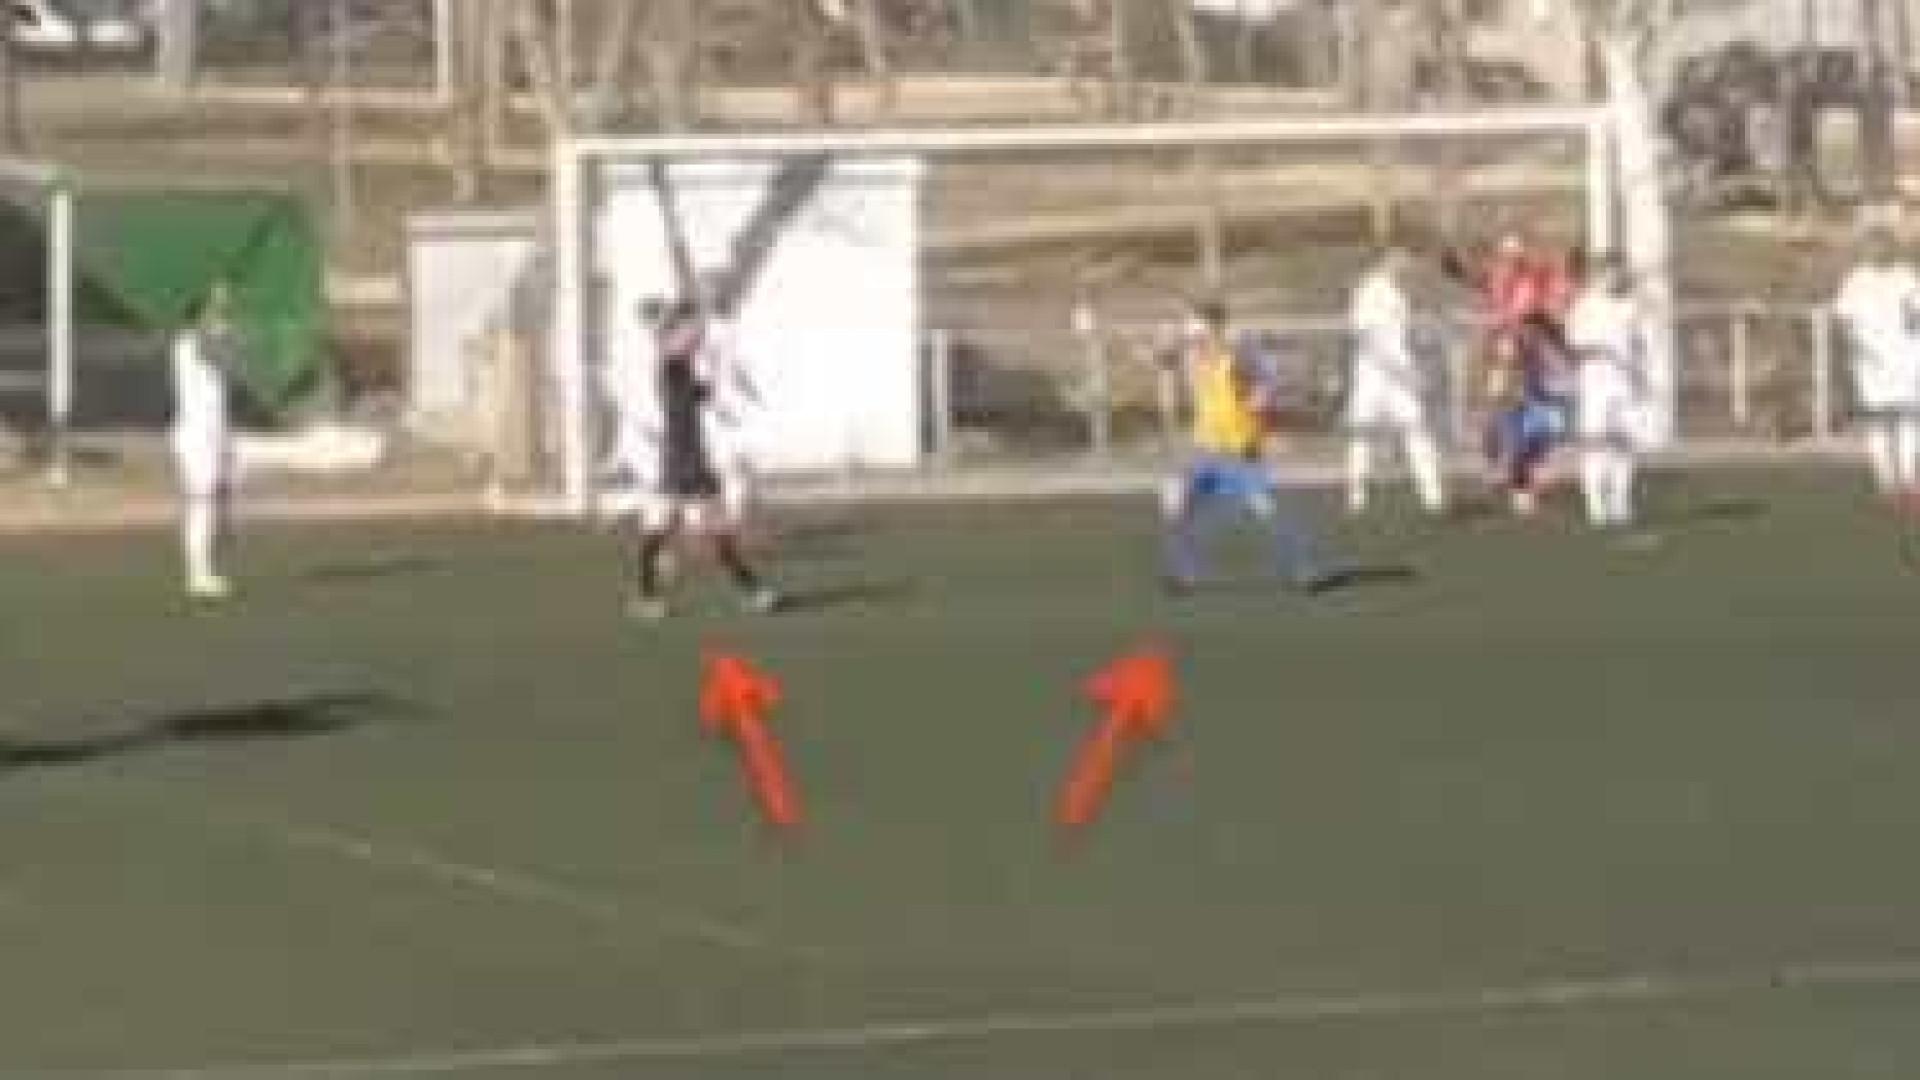 Árbitro espanhol valida um golo 'fantasma' e festeja-o com os jogadores